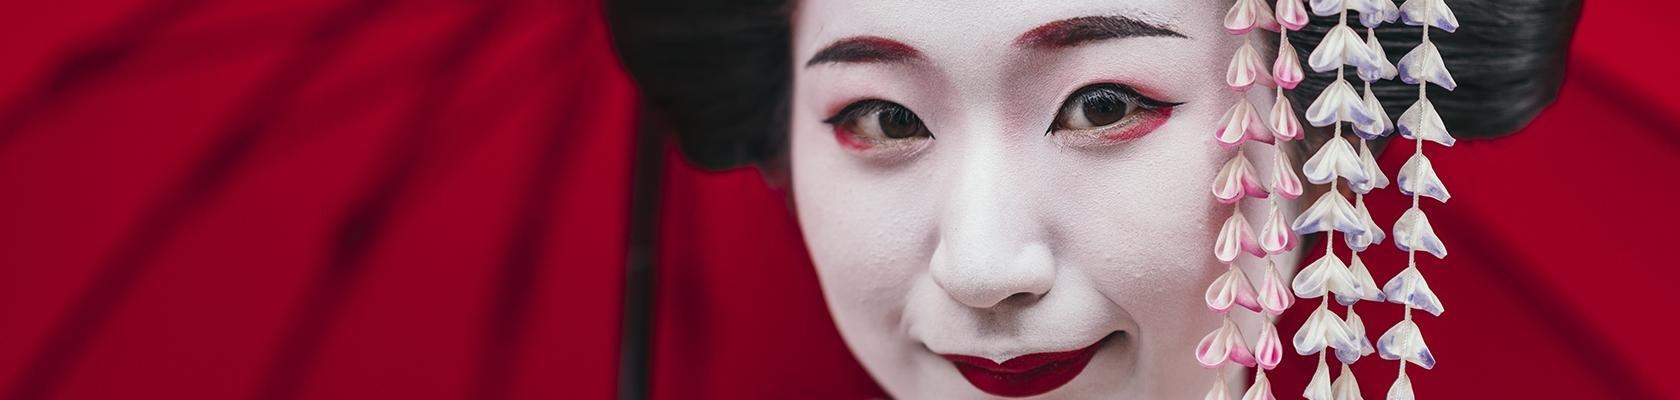 Geisha's (Japan)